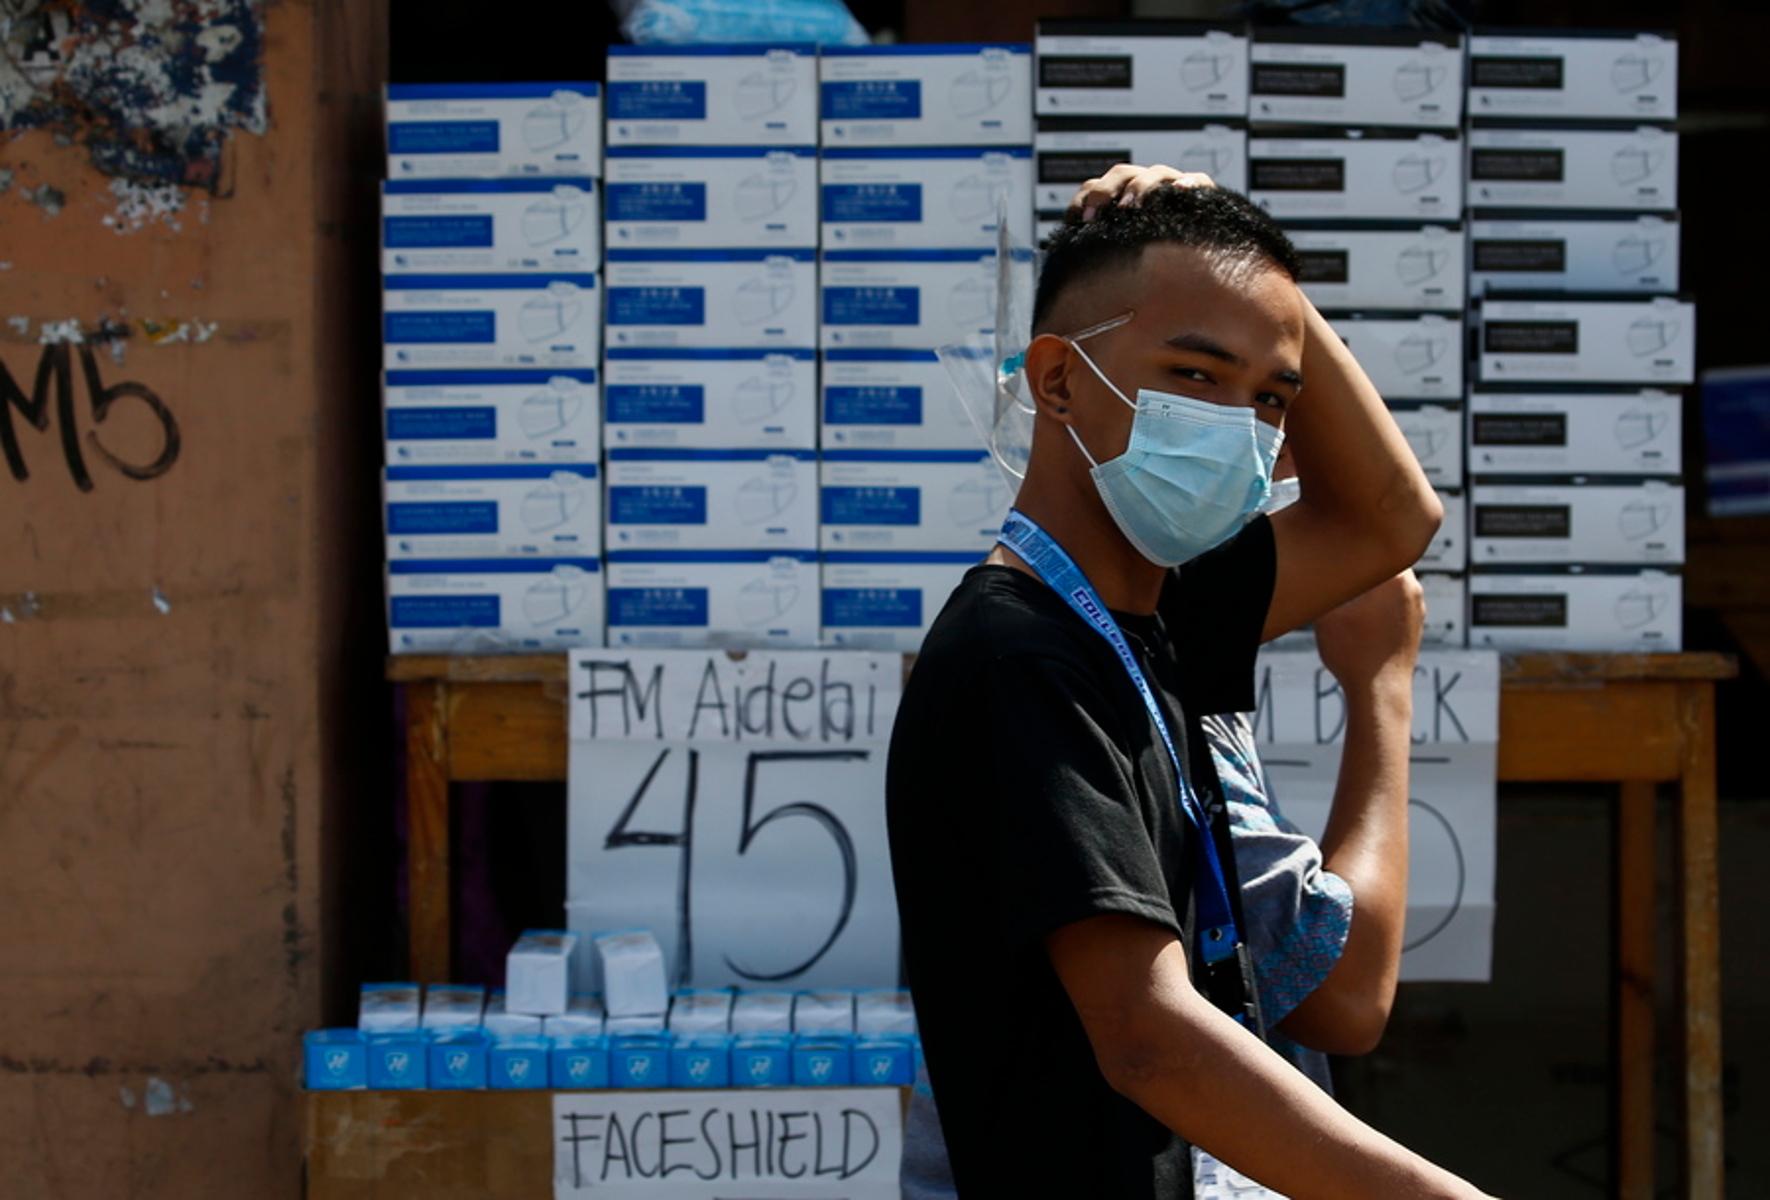 Φιλιππίνες – κορονοϊός: Σε lockdown 24 εκατ. κάτοικοι στη Μανίλα μετά την αύξηση των κρουσμάτων